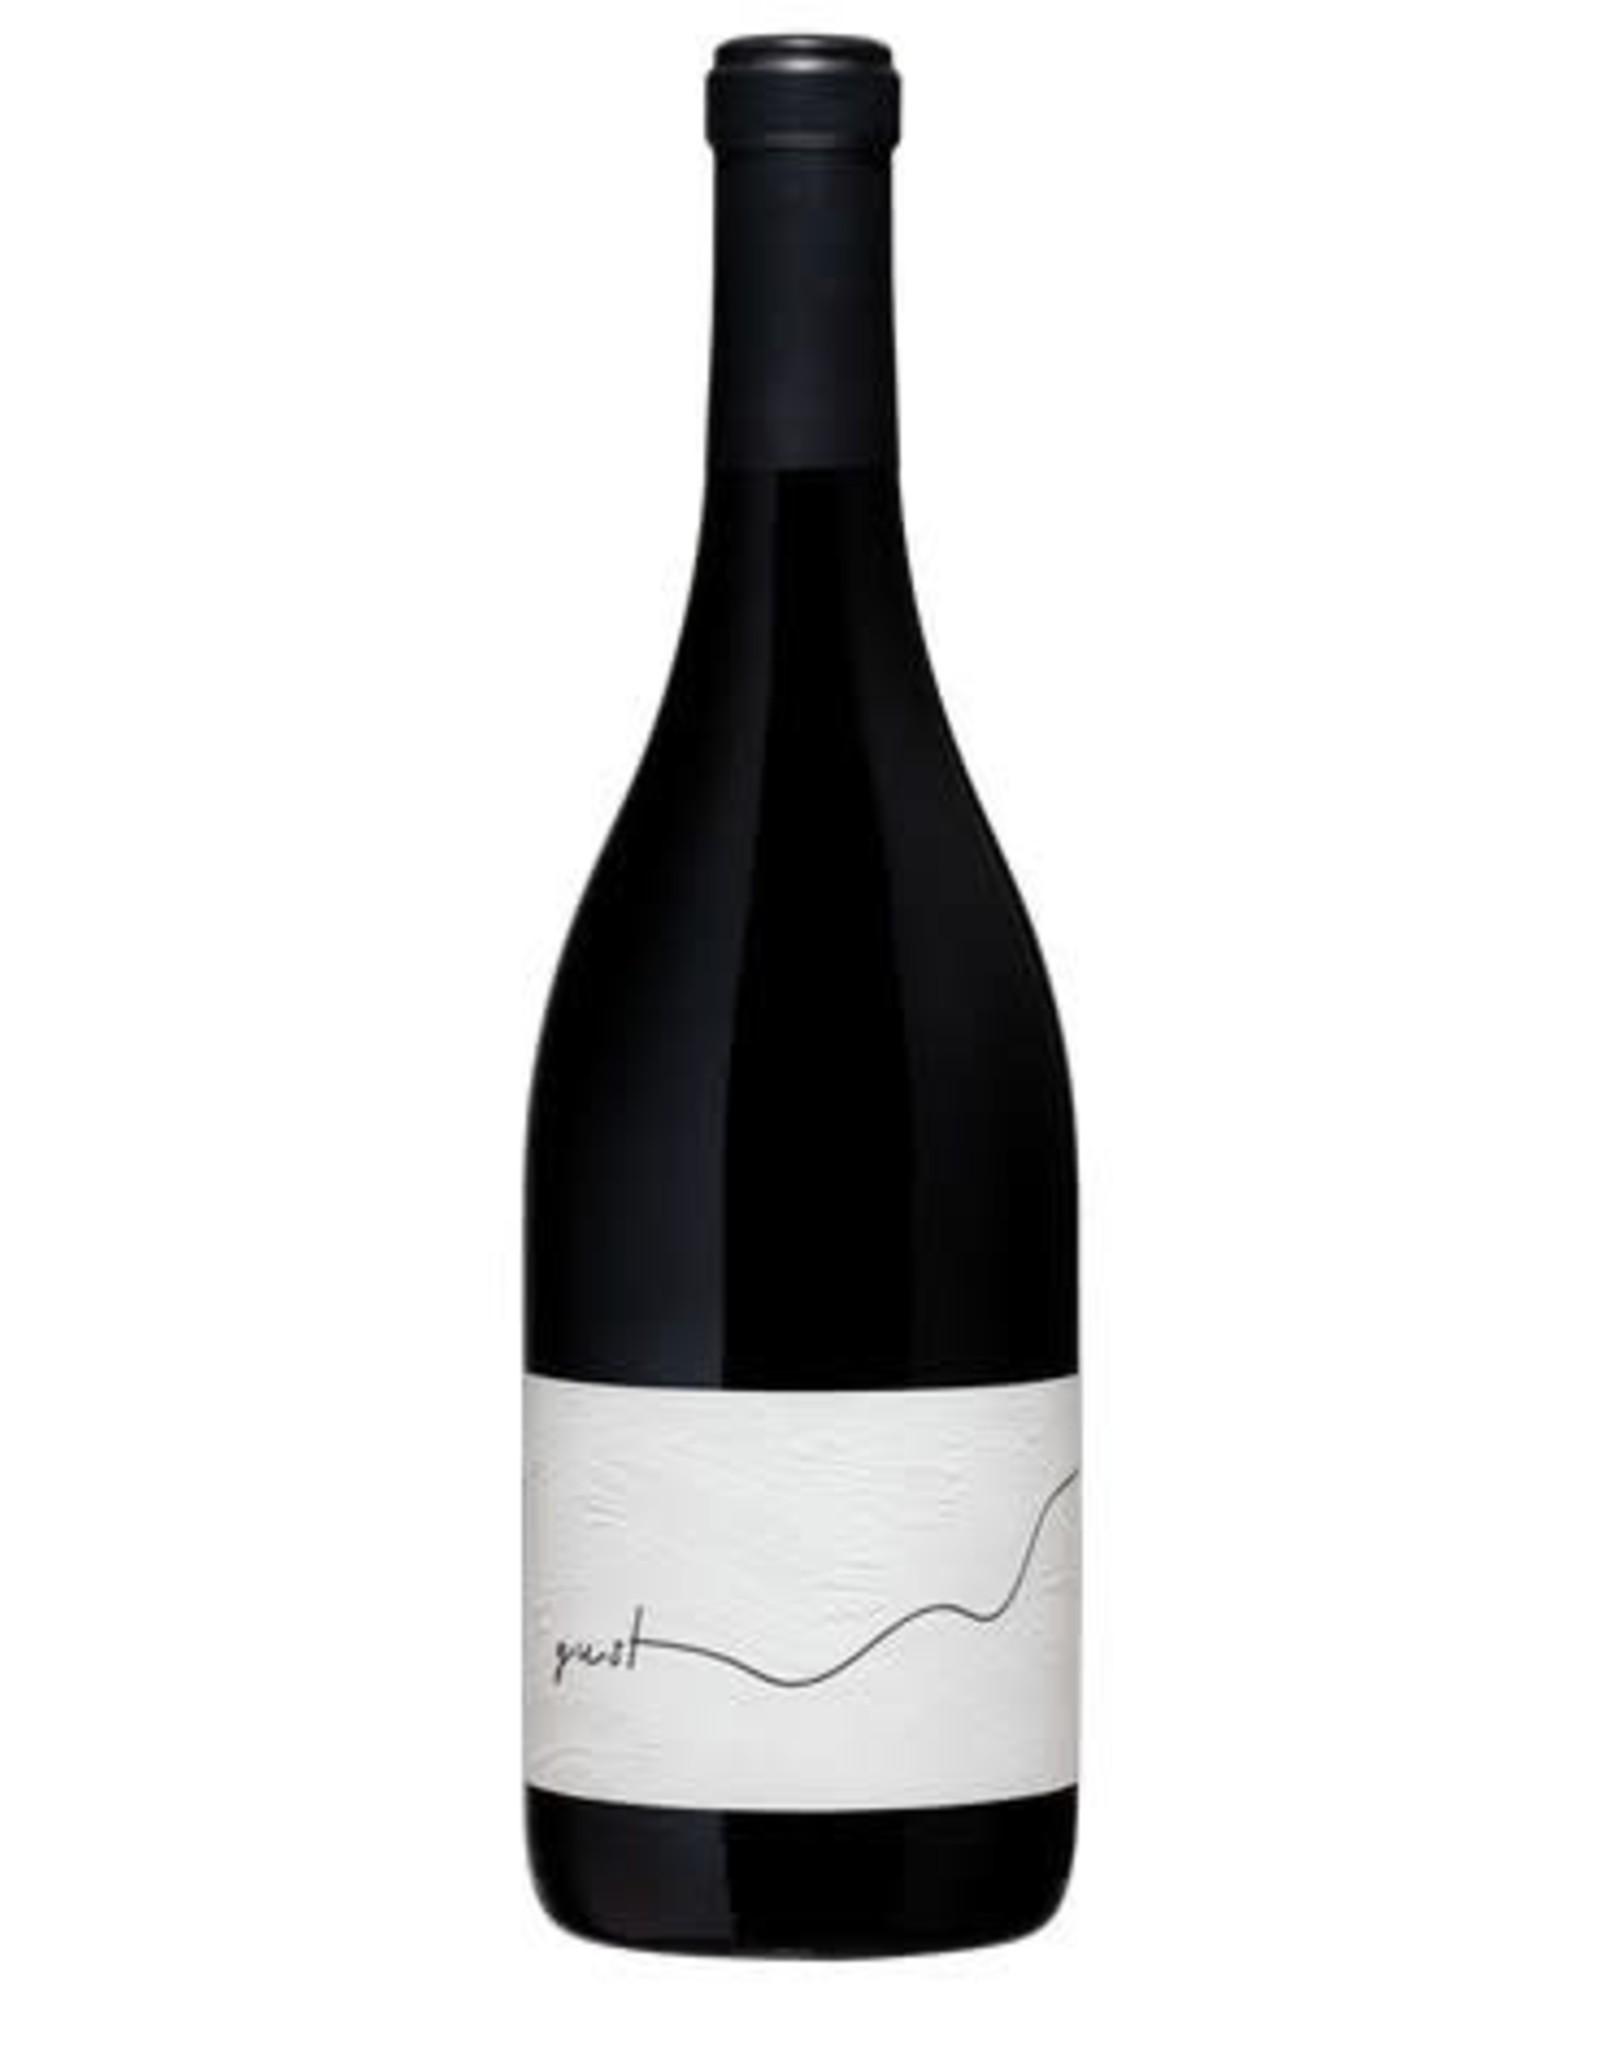 Gust Petaluma Gap Pinot Noir 2017